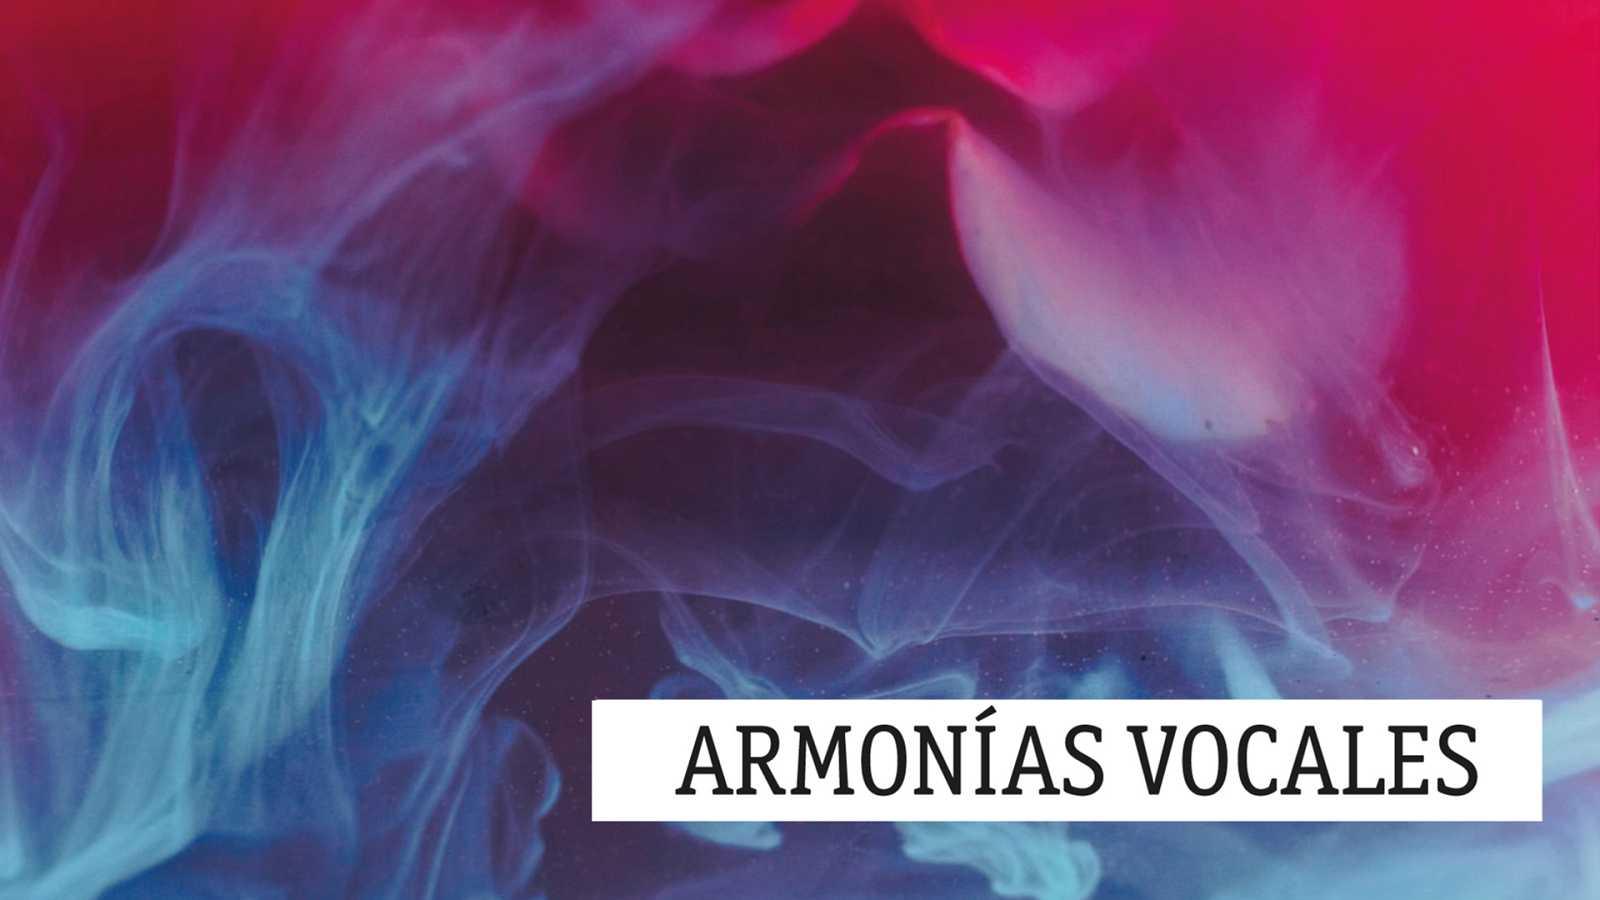 Armonías vocales - La música coral de Gustav Holst - 24/04/21 - escuchar ahora